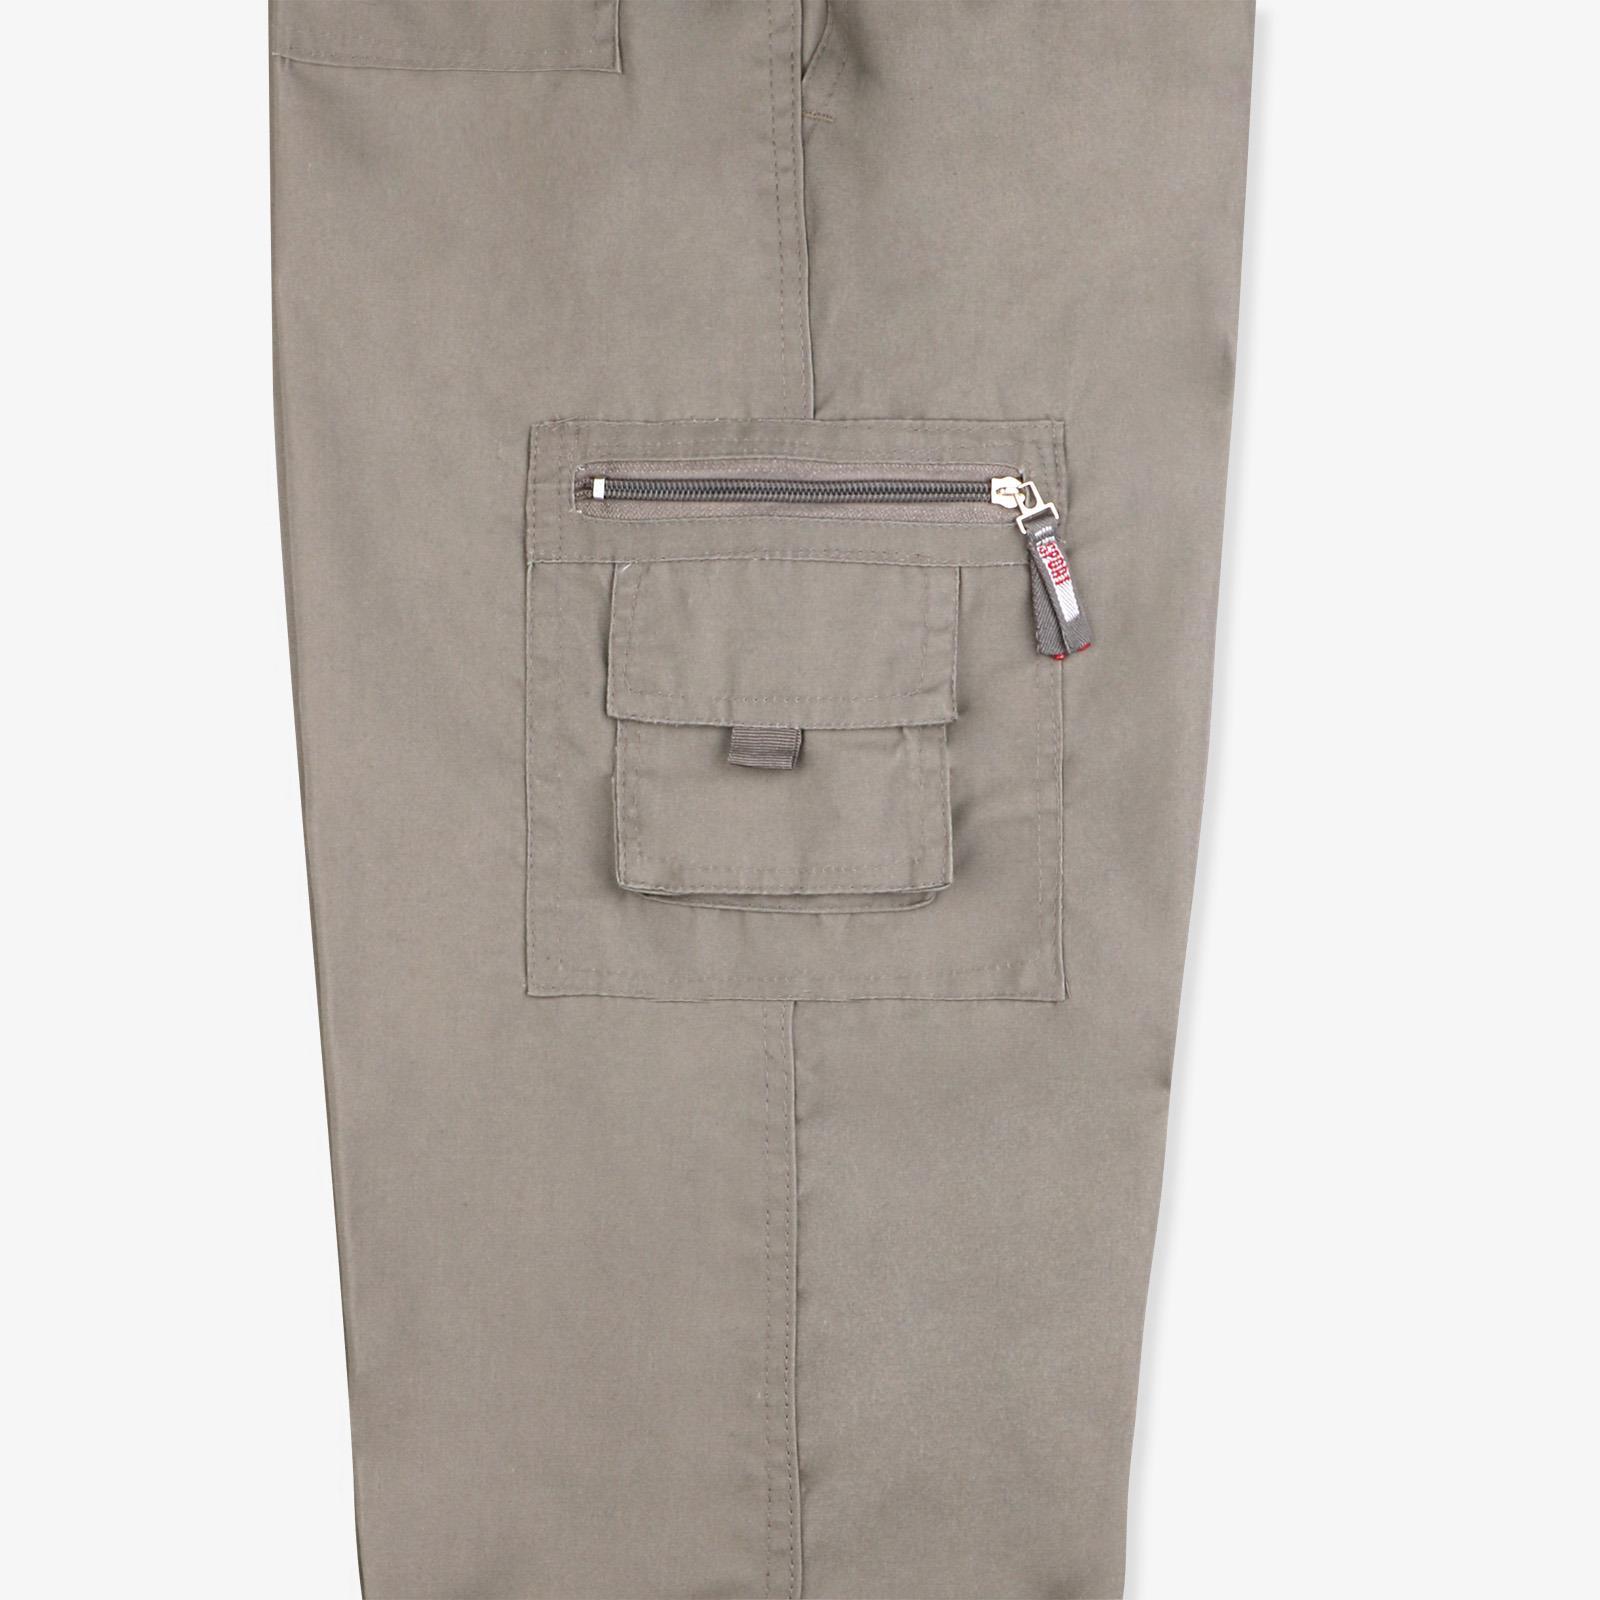 Pantalon-Homme-Cargo-Militaire-Ample-Poche-Grande-Taille-Elastique-Travail miniature 19